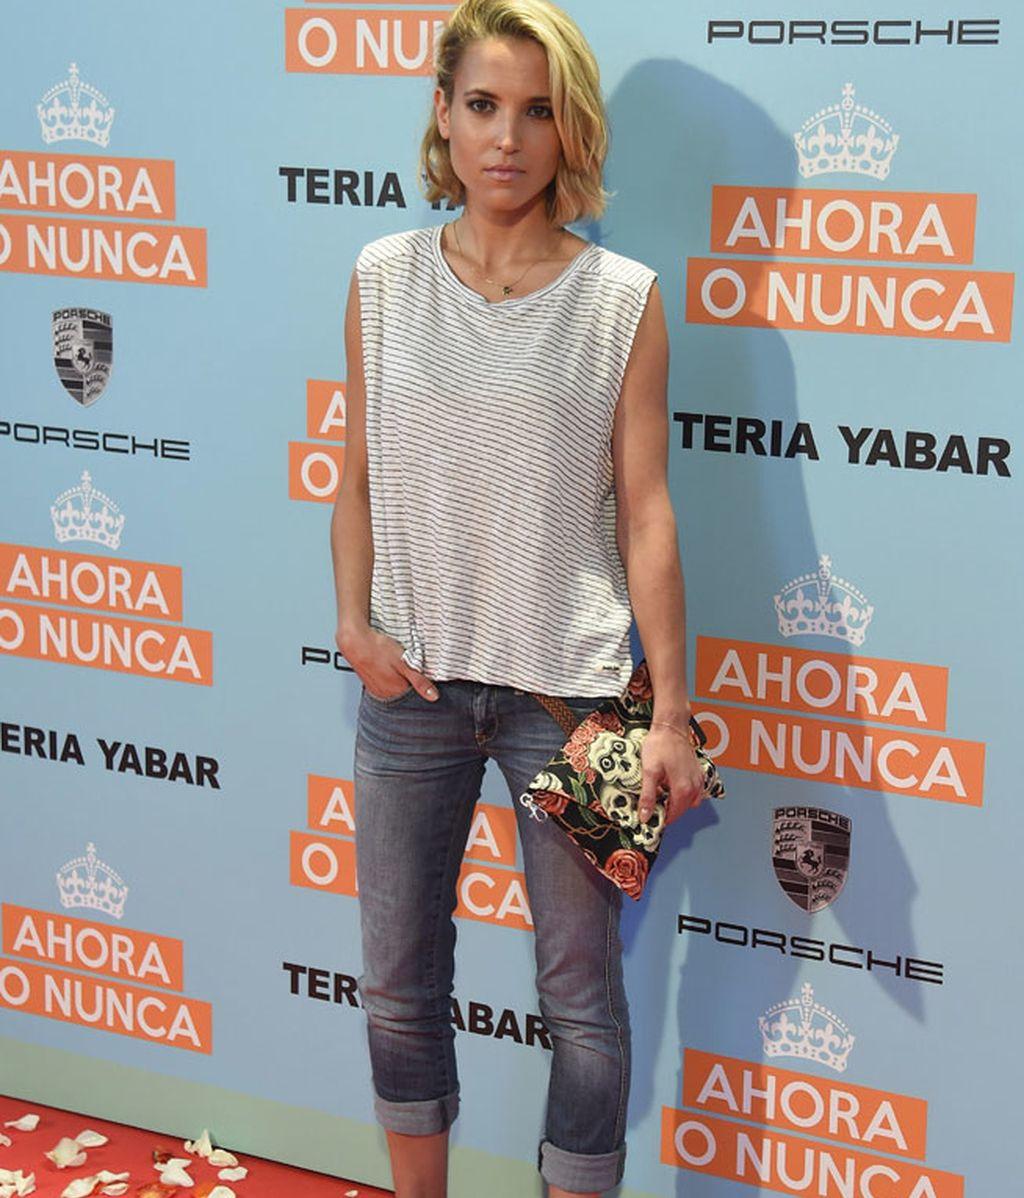 Ana Fernández acudió con un look casual de vaqueros y camiseta de rayas